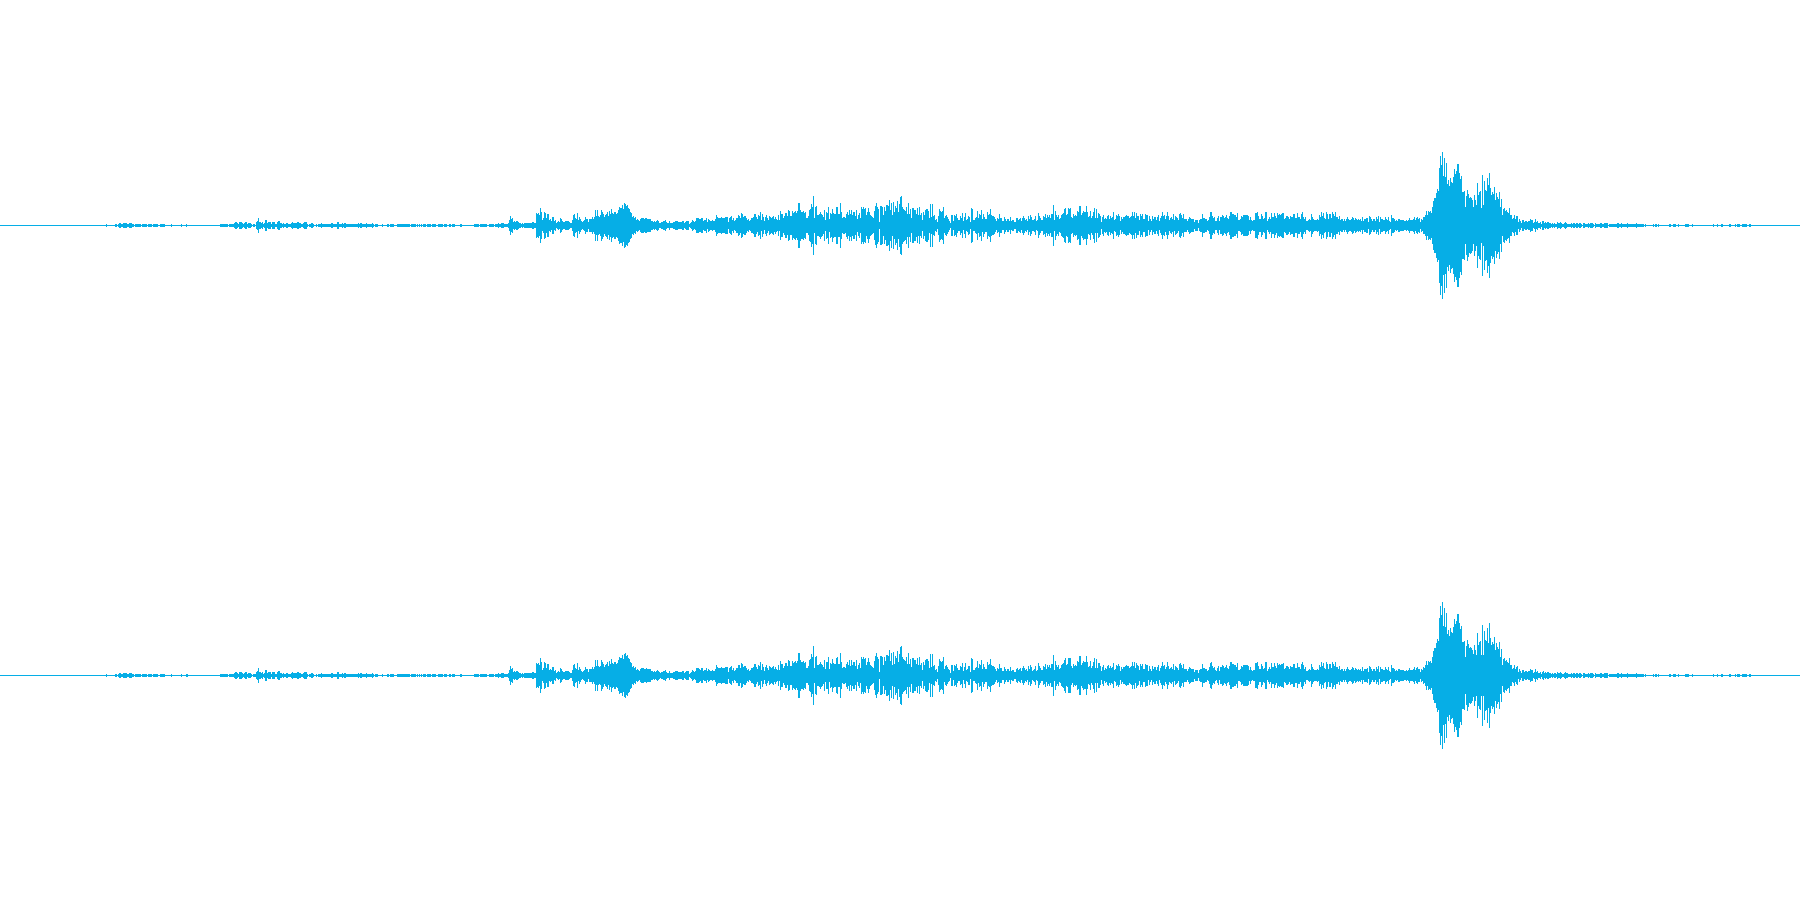 【生音】(ササーサ)というタンス開ける音の再生済みの波形